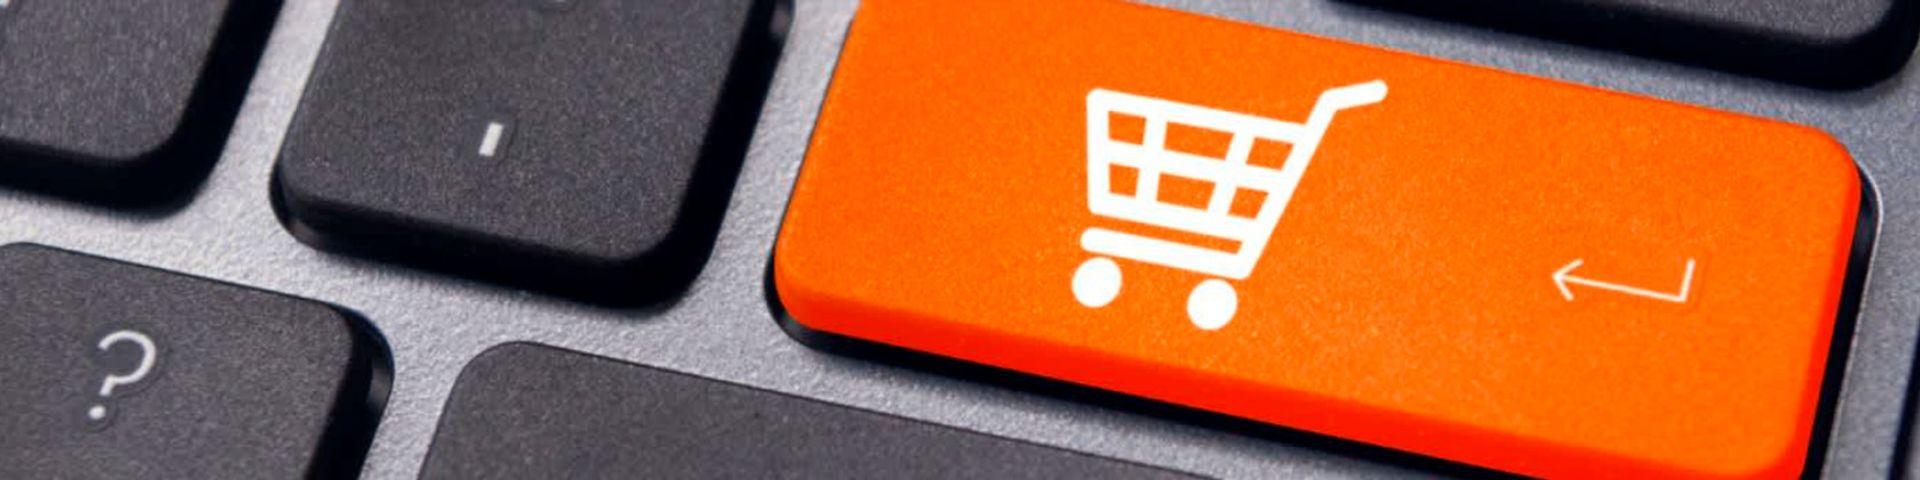 Marketing y comercio electrónico